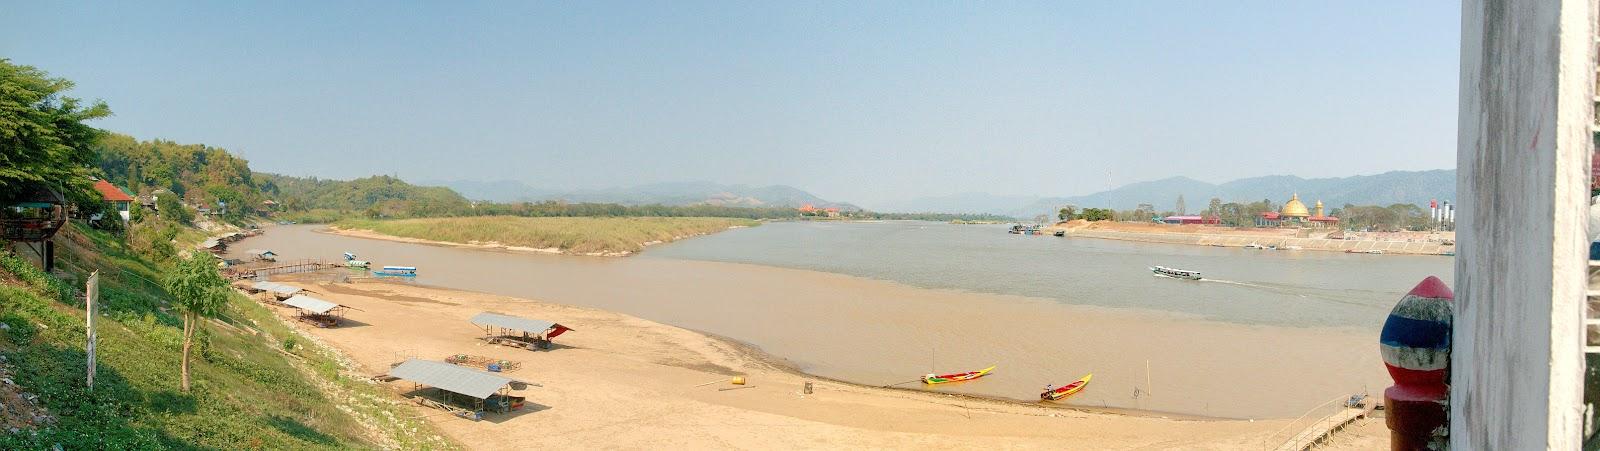 ruak and mekong rivers meet